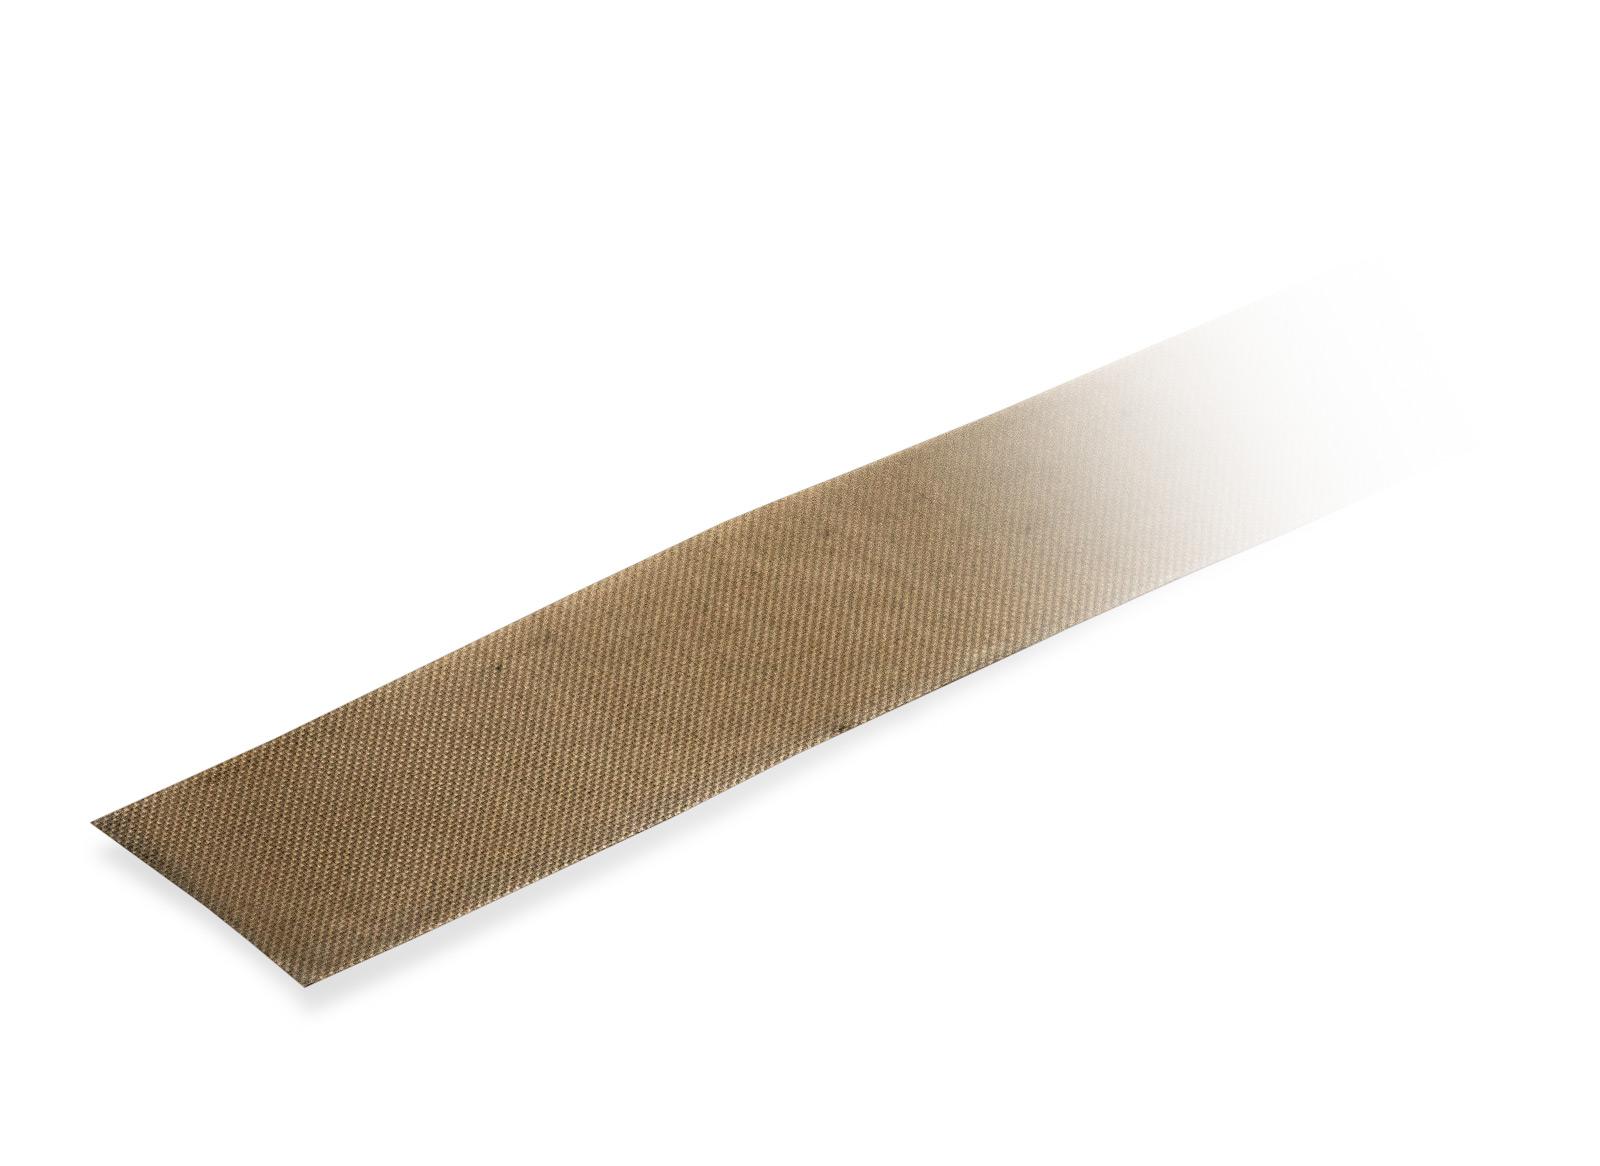 Náhradní tepluodolná páska teflonovaná pro svářečku fólií PFS-300A